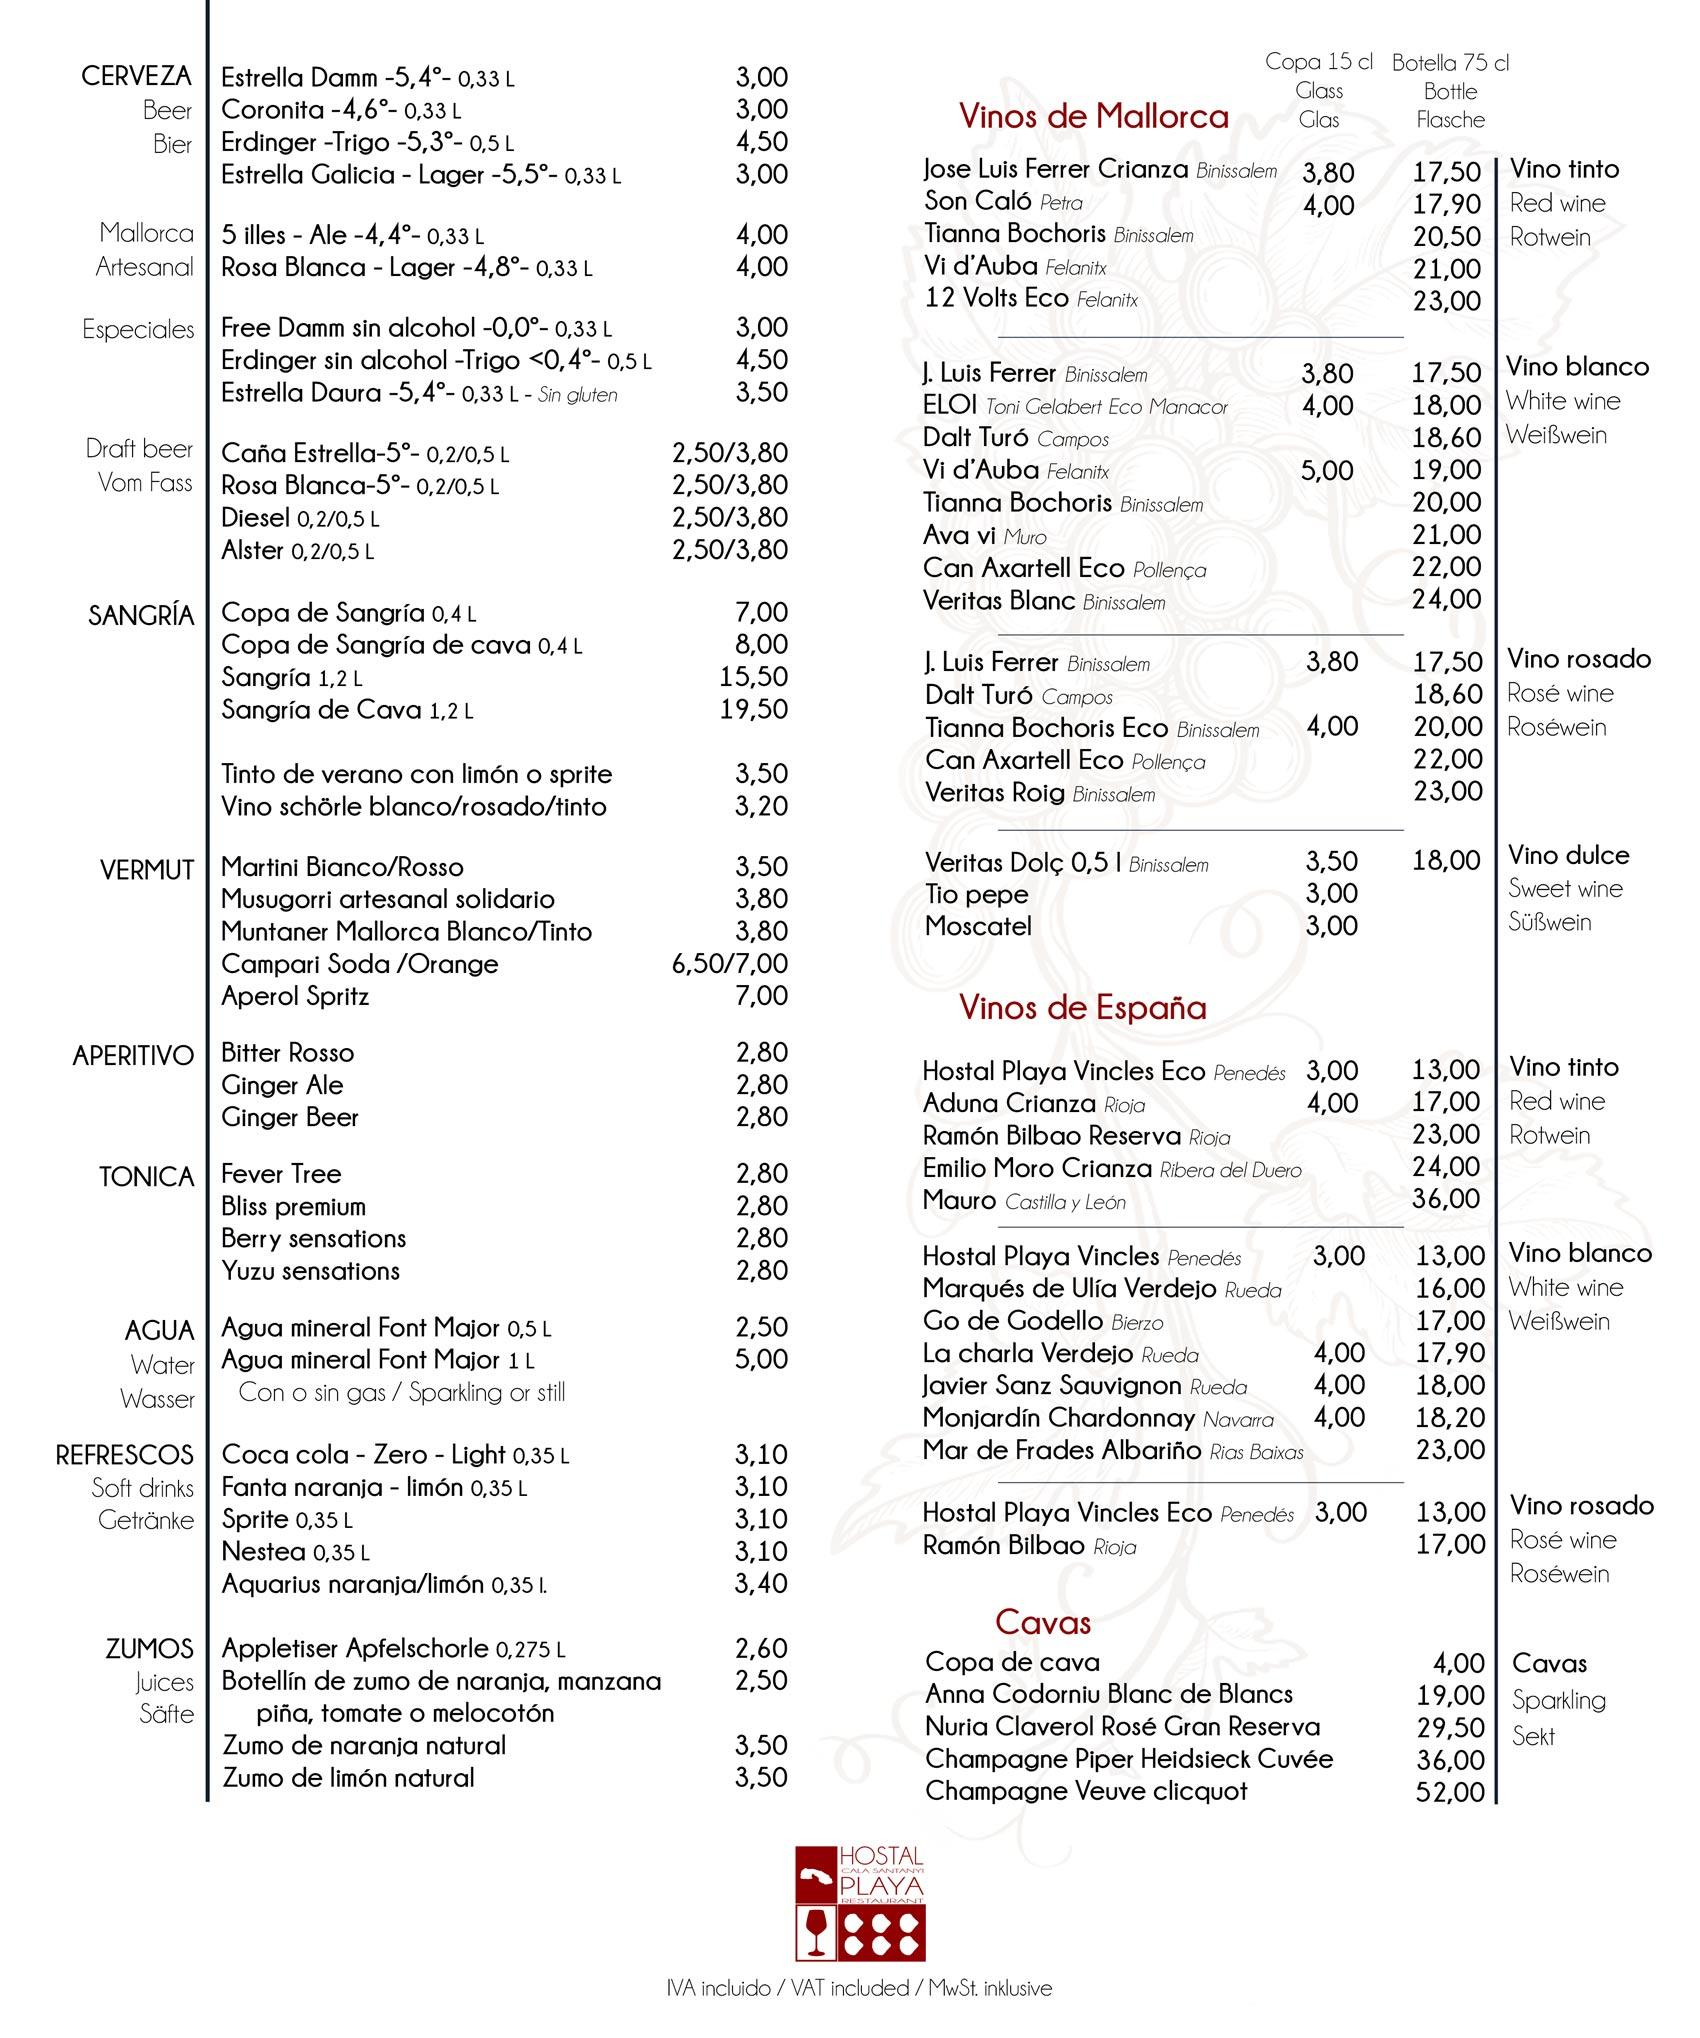 Bebidas y vinos restaurante cala santanyi